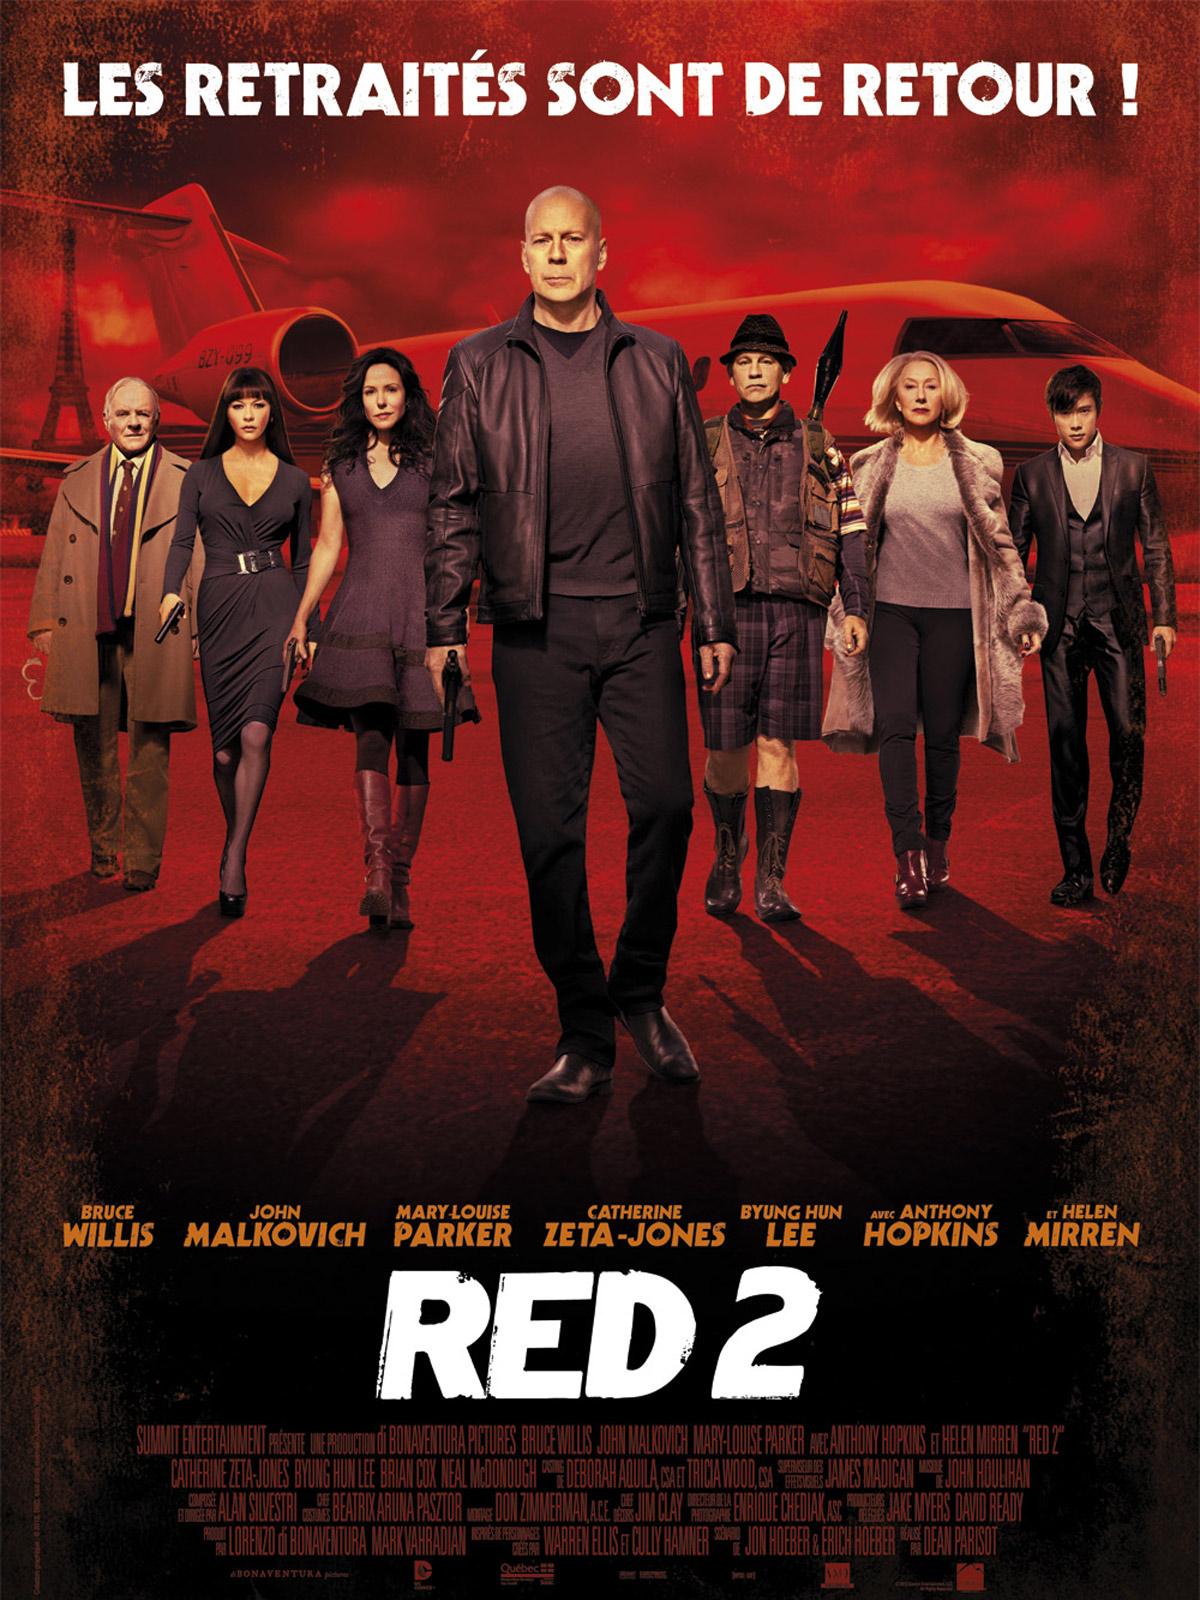 Red 2 [DVDRIP.MD] dvdrip